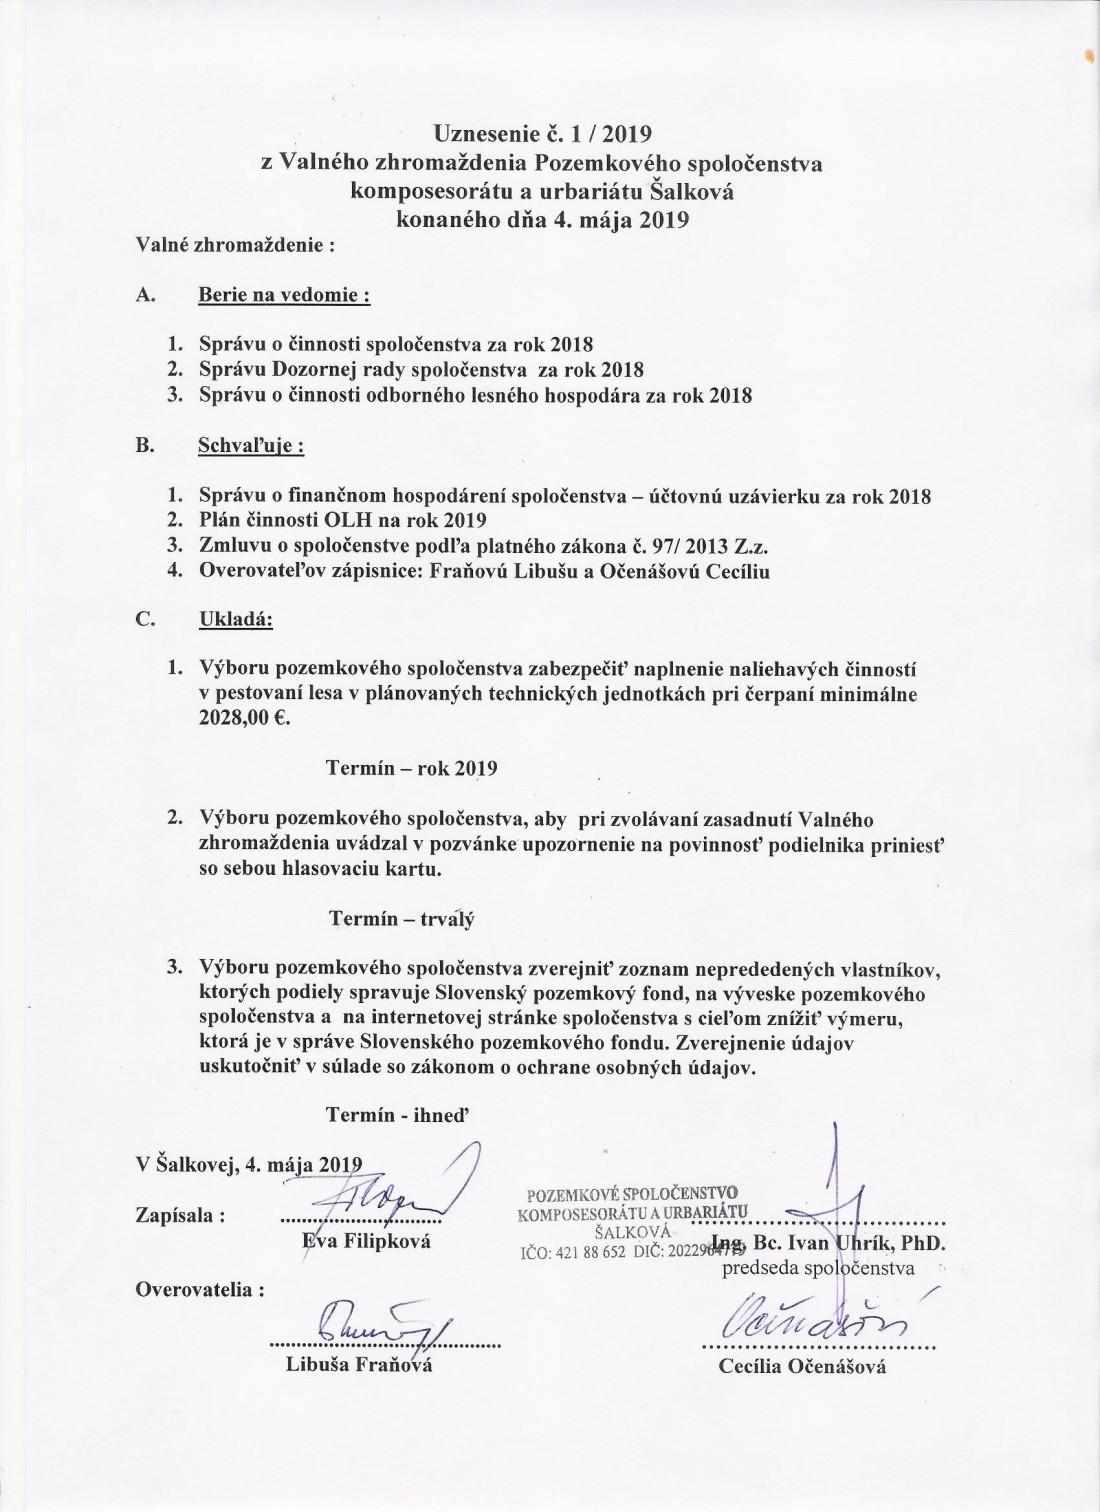 Uznesenie č. 1 - 2019 z VZ zo dňa 4.5. 2019